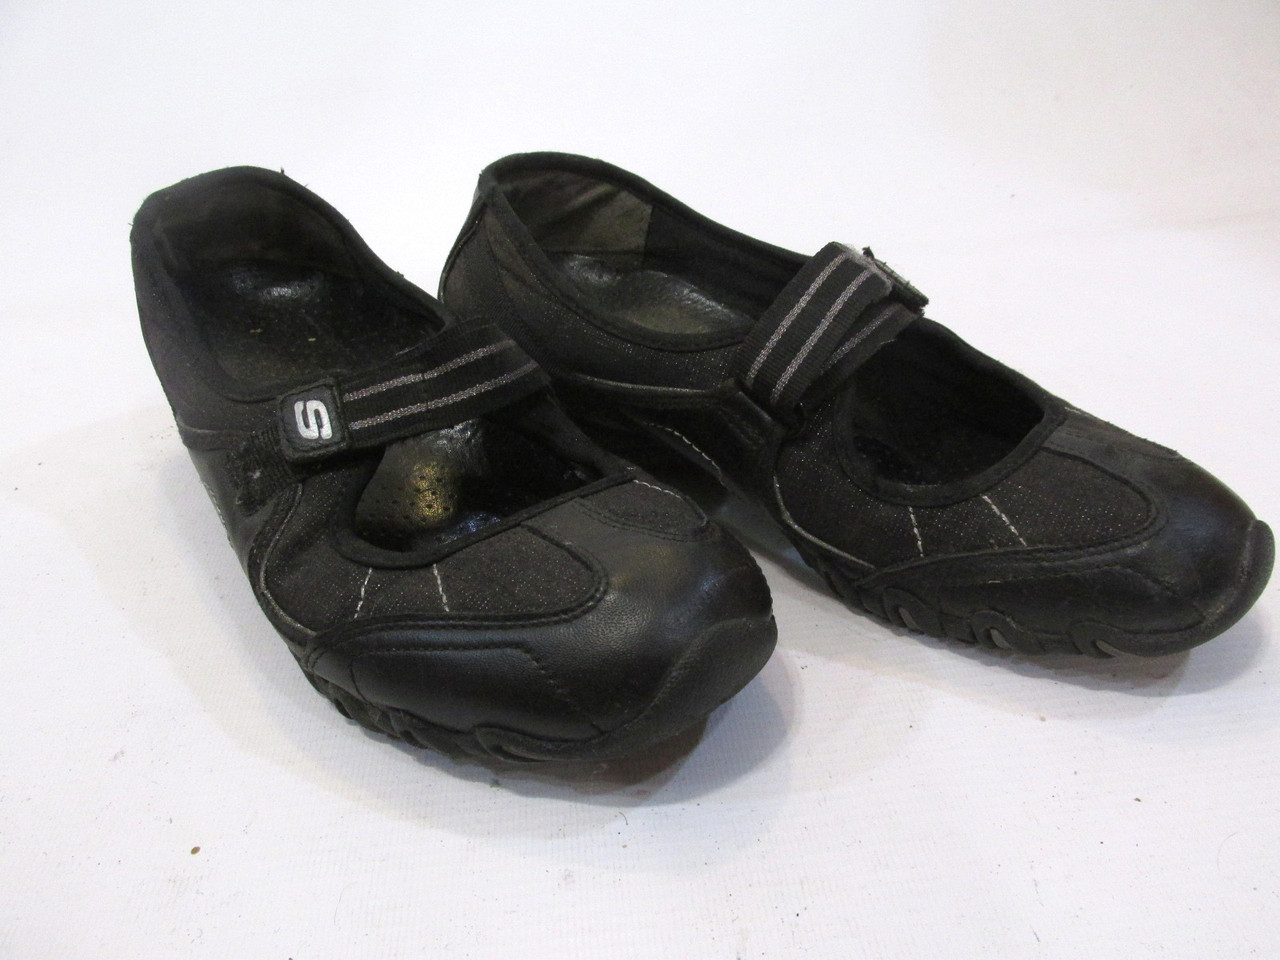 Кроссовки тапочки Skechers, 38 (24.5 см), кожа-текстиль, на шир ногу,